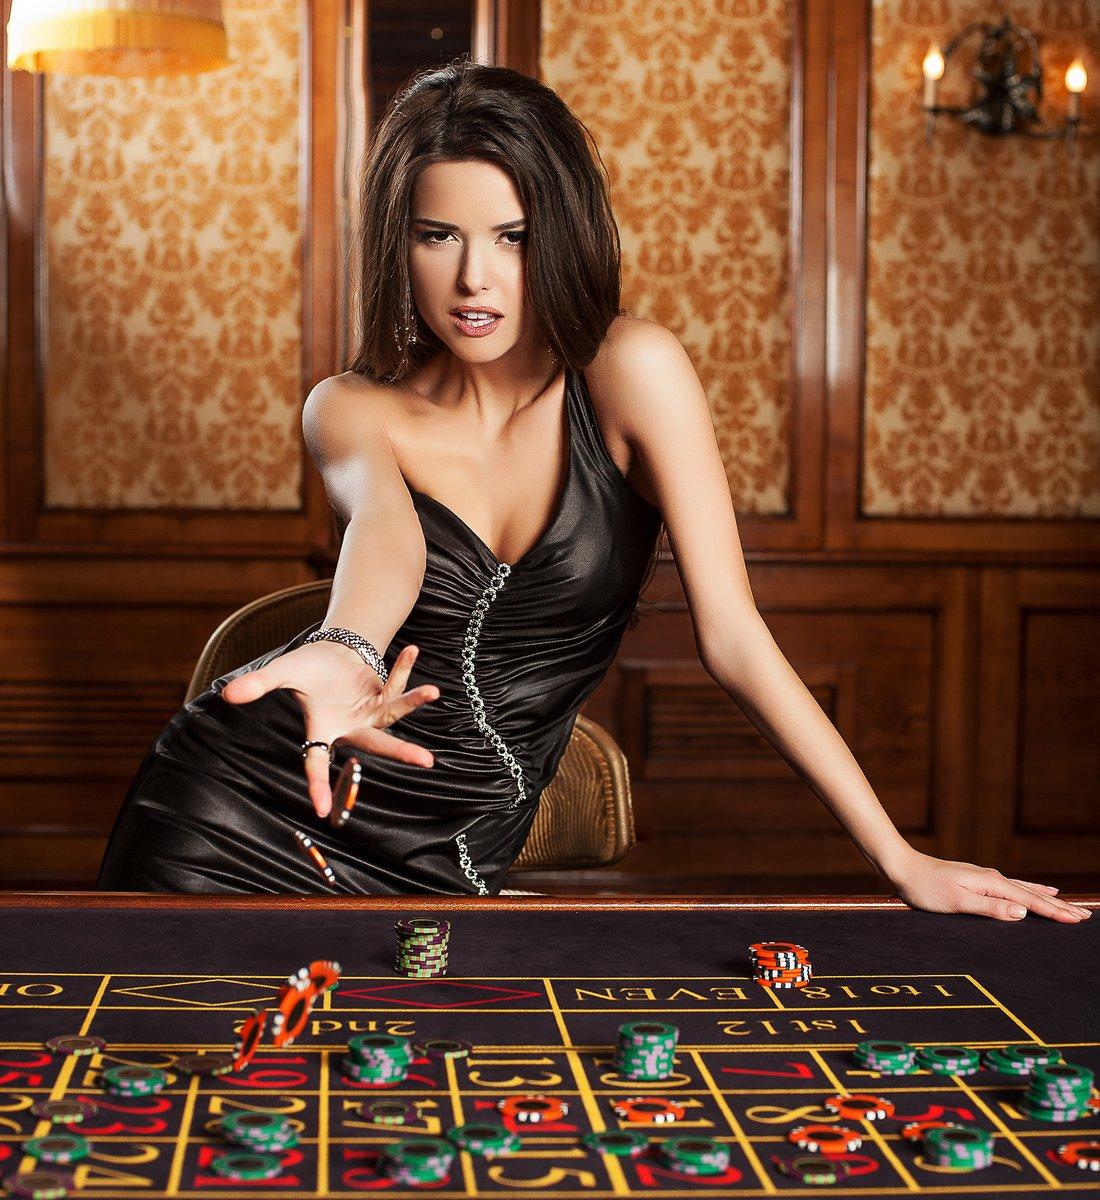 Фото девушки в казино 2 фотография